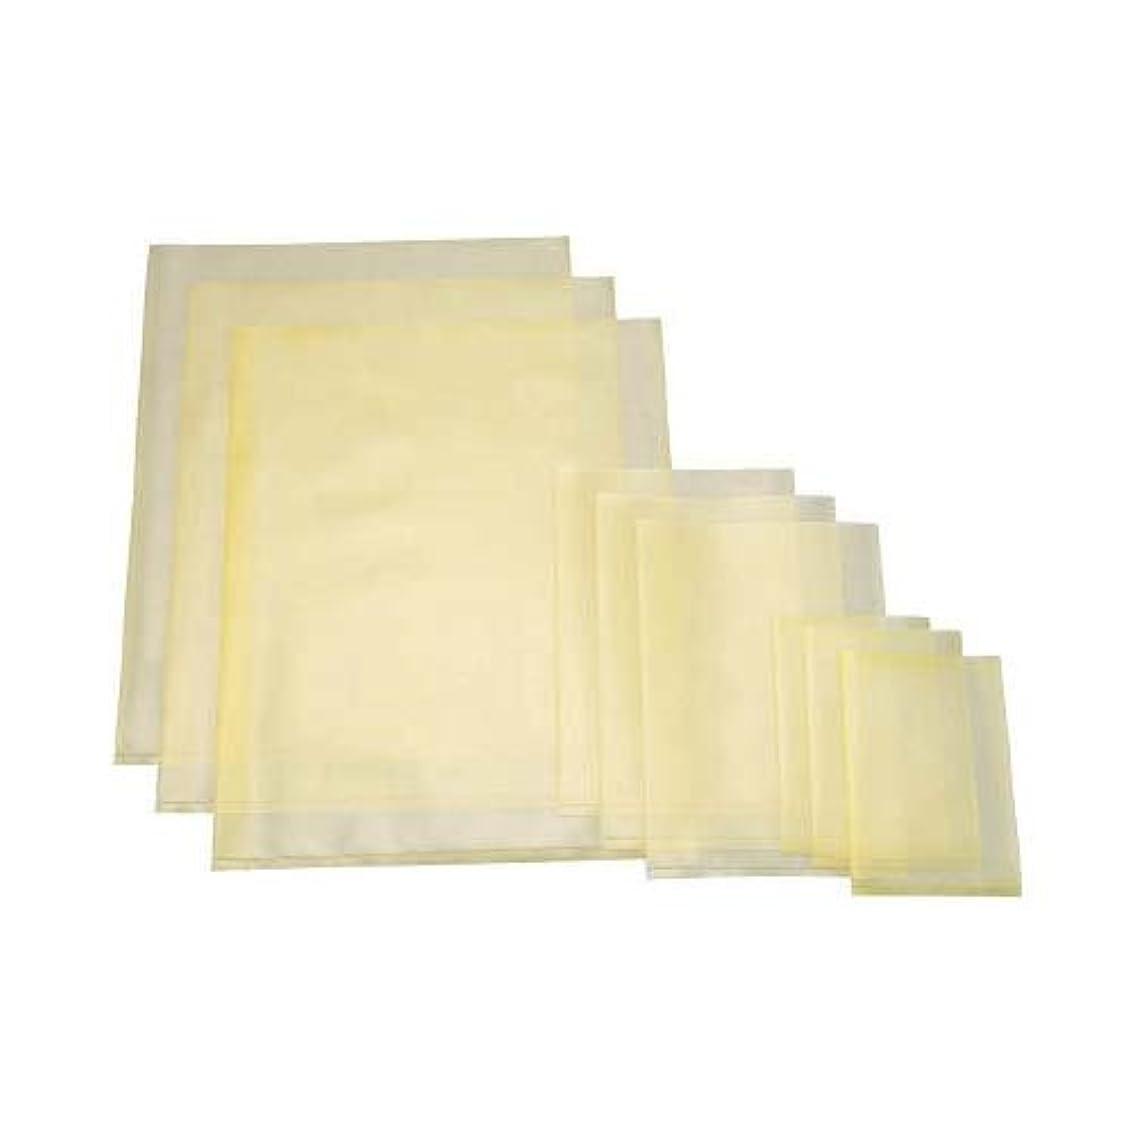 パーツ瞑想するゾーンTRUSCO(トラスコ) ゼラスト防錆剤 幅1200X長さ1000X厚み0.08 50枚入 TZF120100